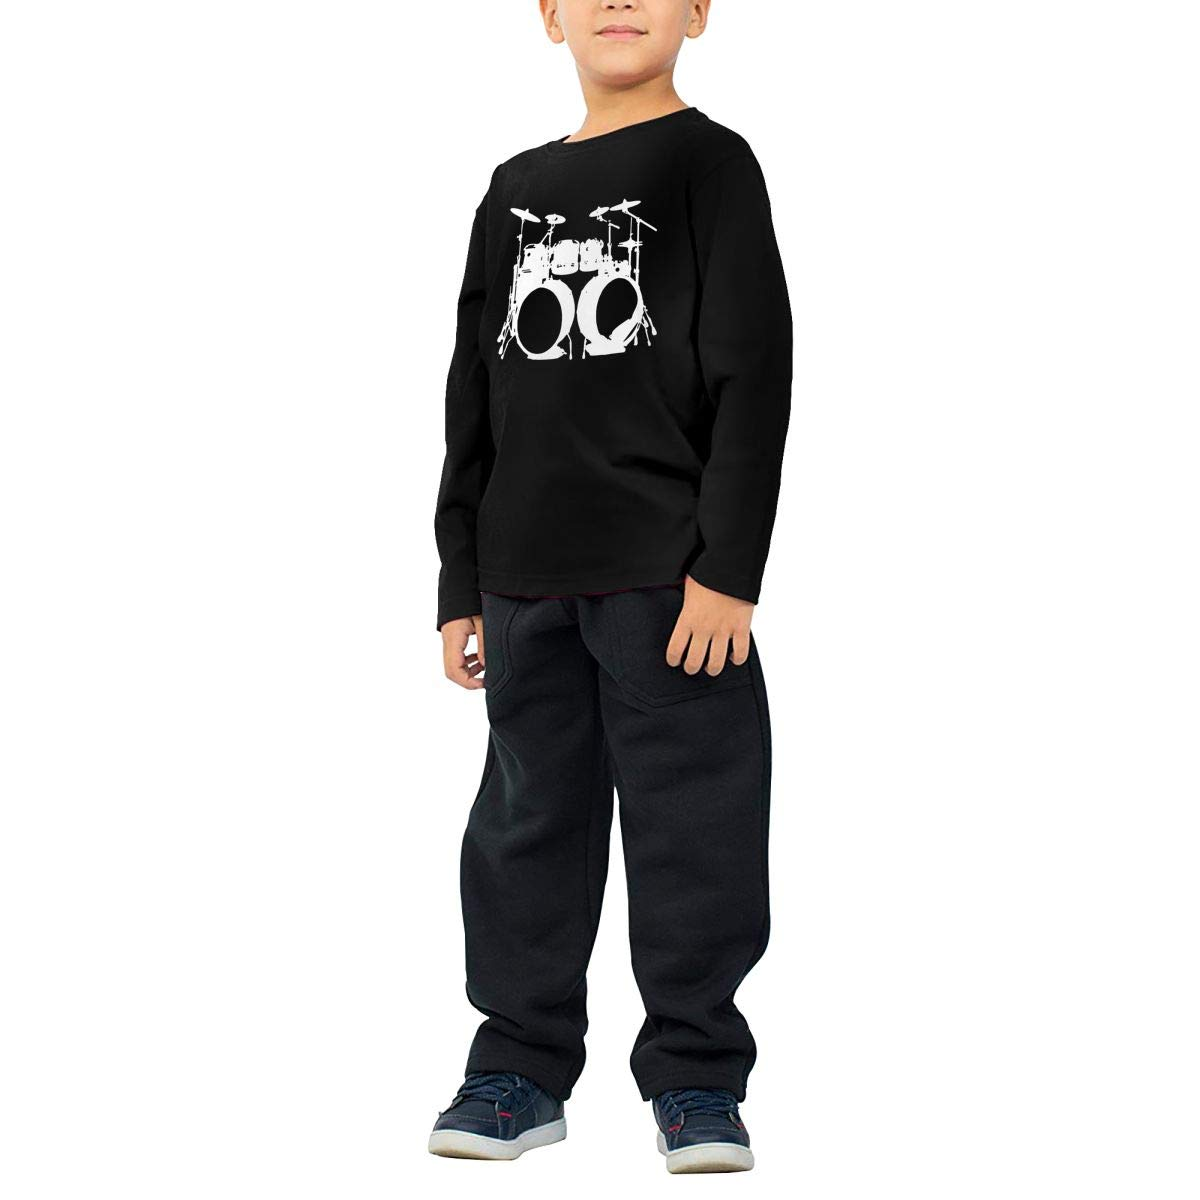 CERTONGCXTS Childrens Drumms Drummer ComfortSoft Long Sleeve Shirt